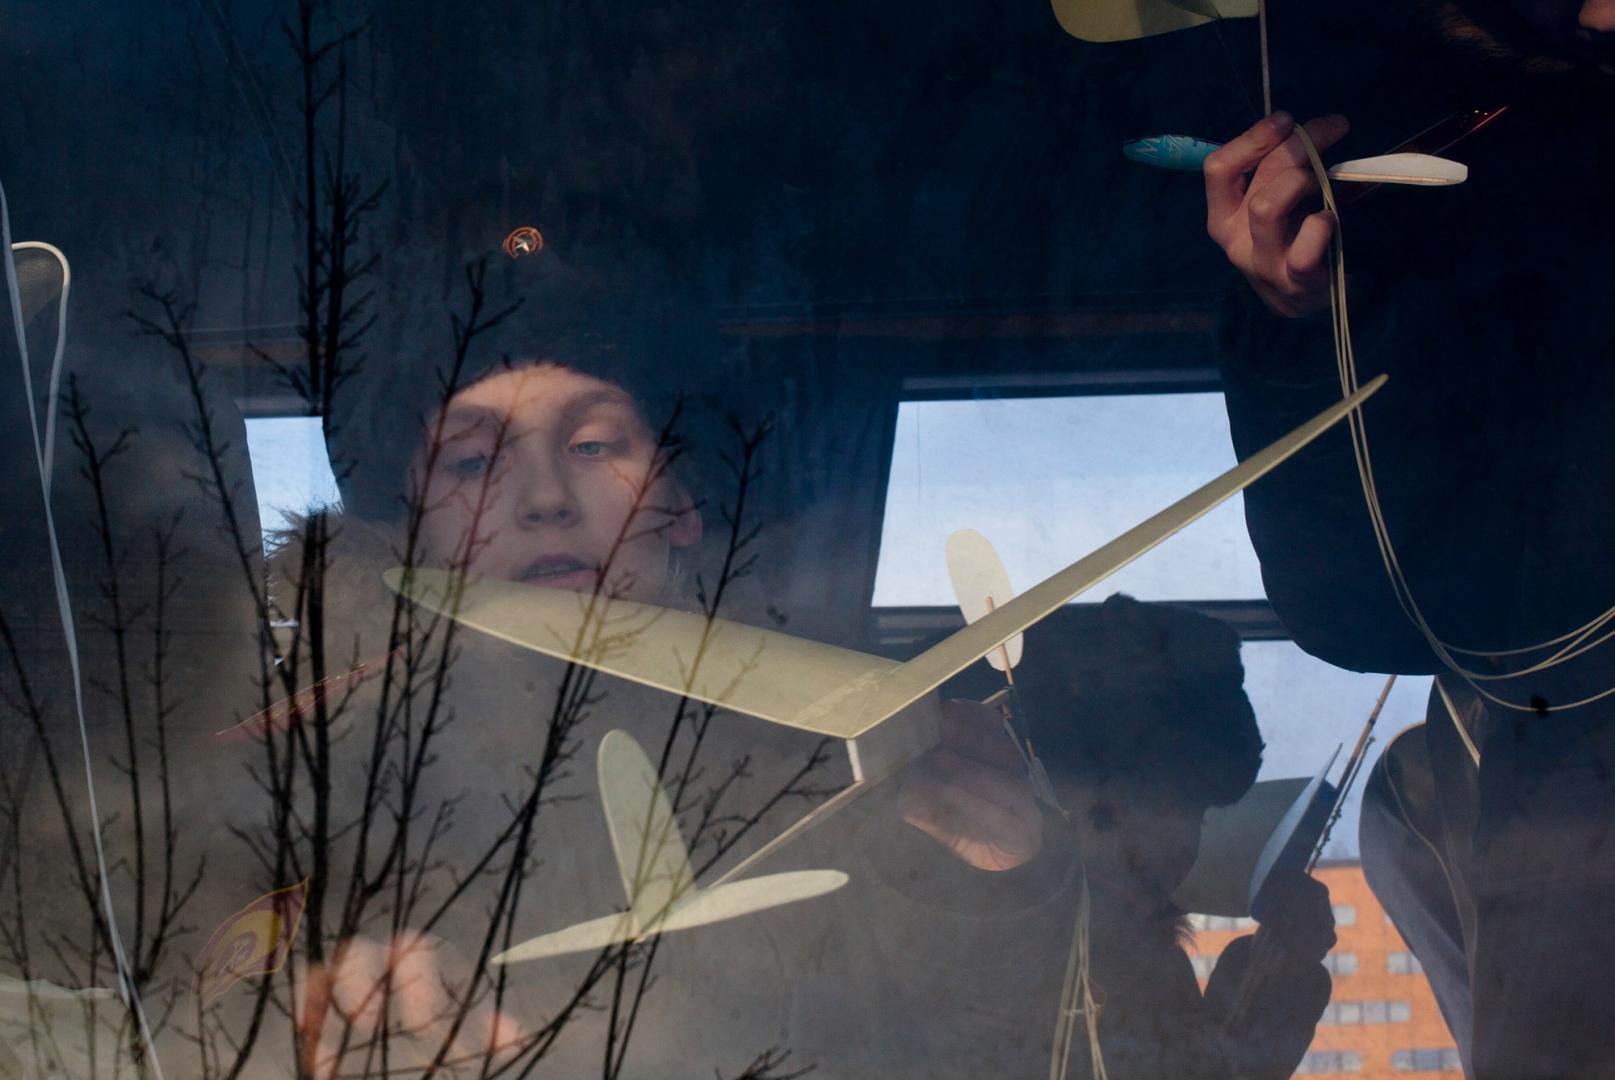 На авиамоделировании мальчики своими руками изготавливают простейшие модели самолетов и учатся правильно их запускать